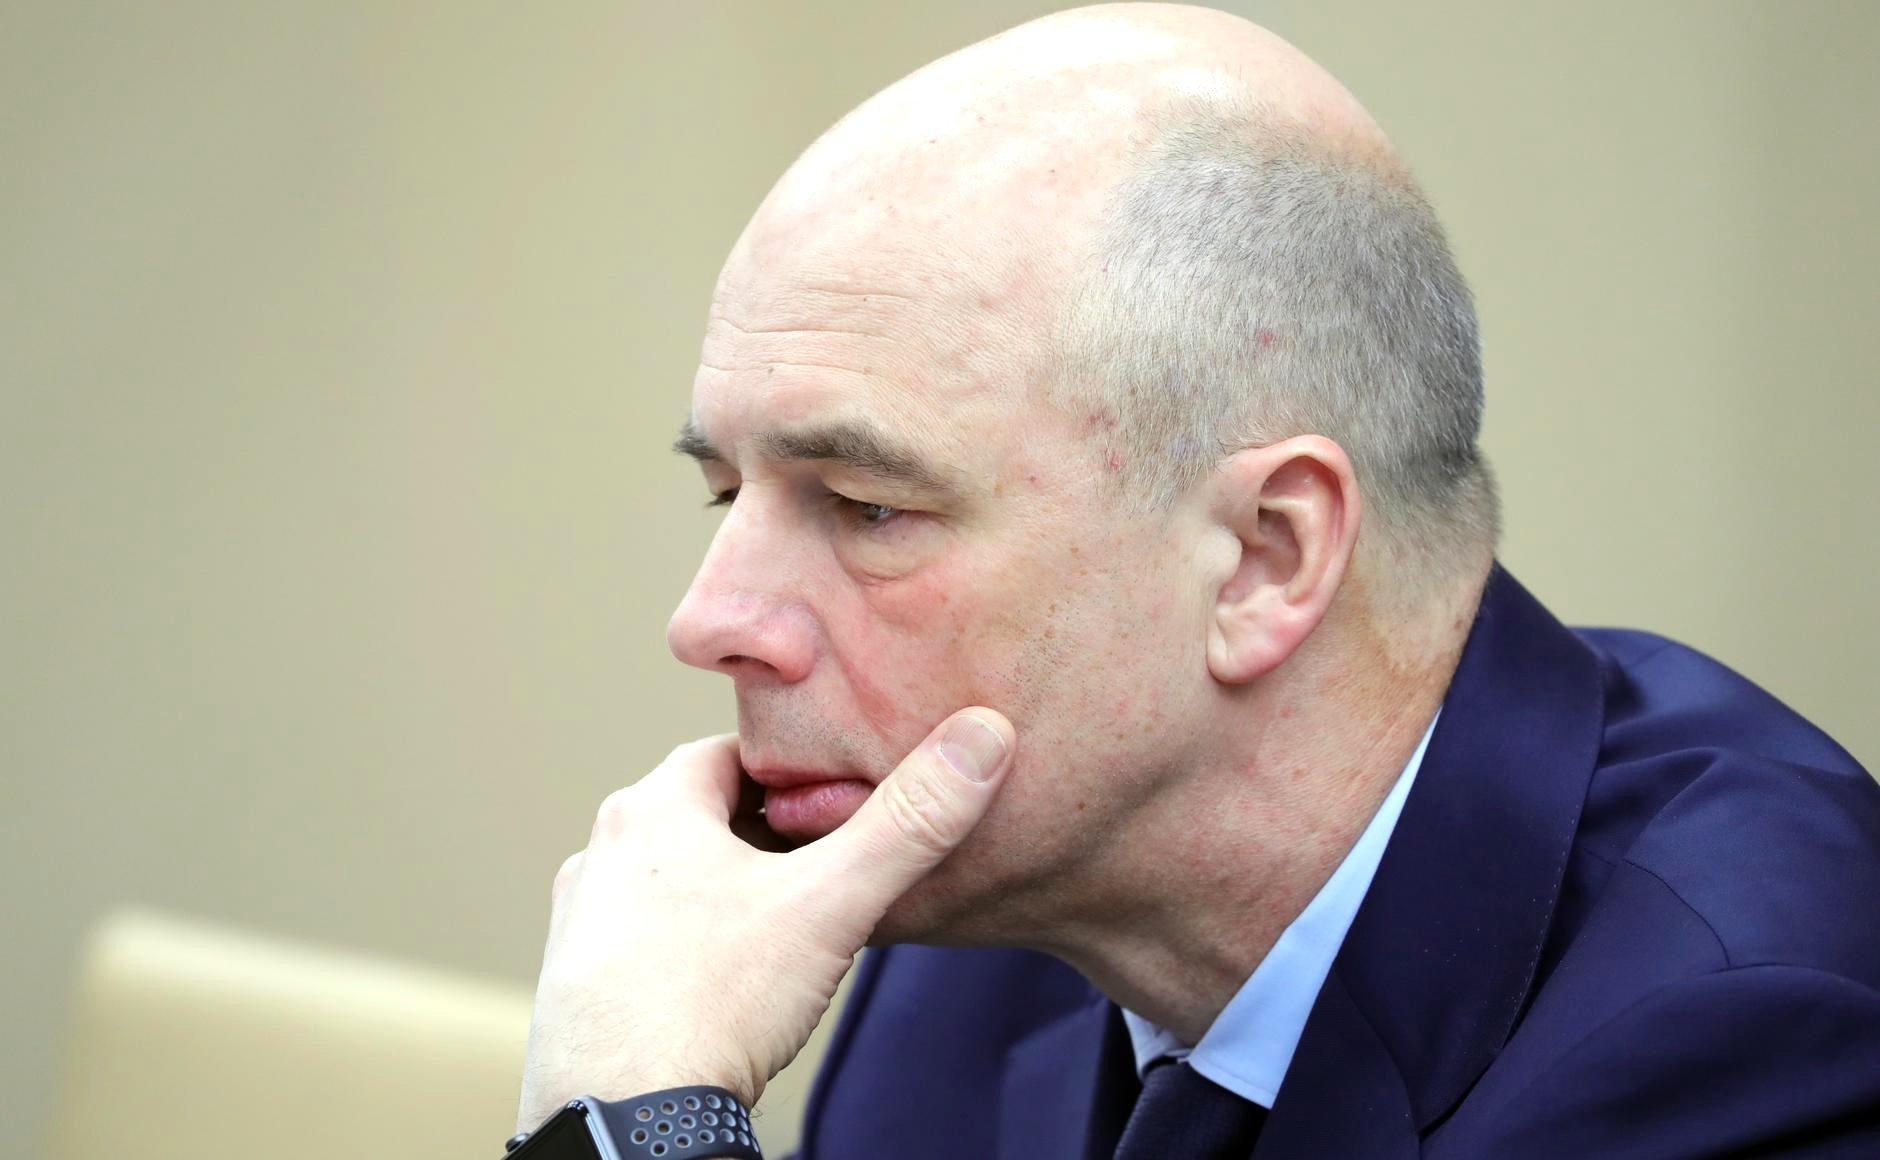 Силуанов считает, что регионы должны научиться зарабатывать самостоятельно